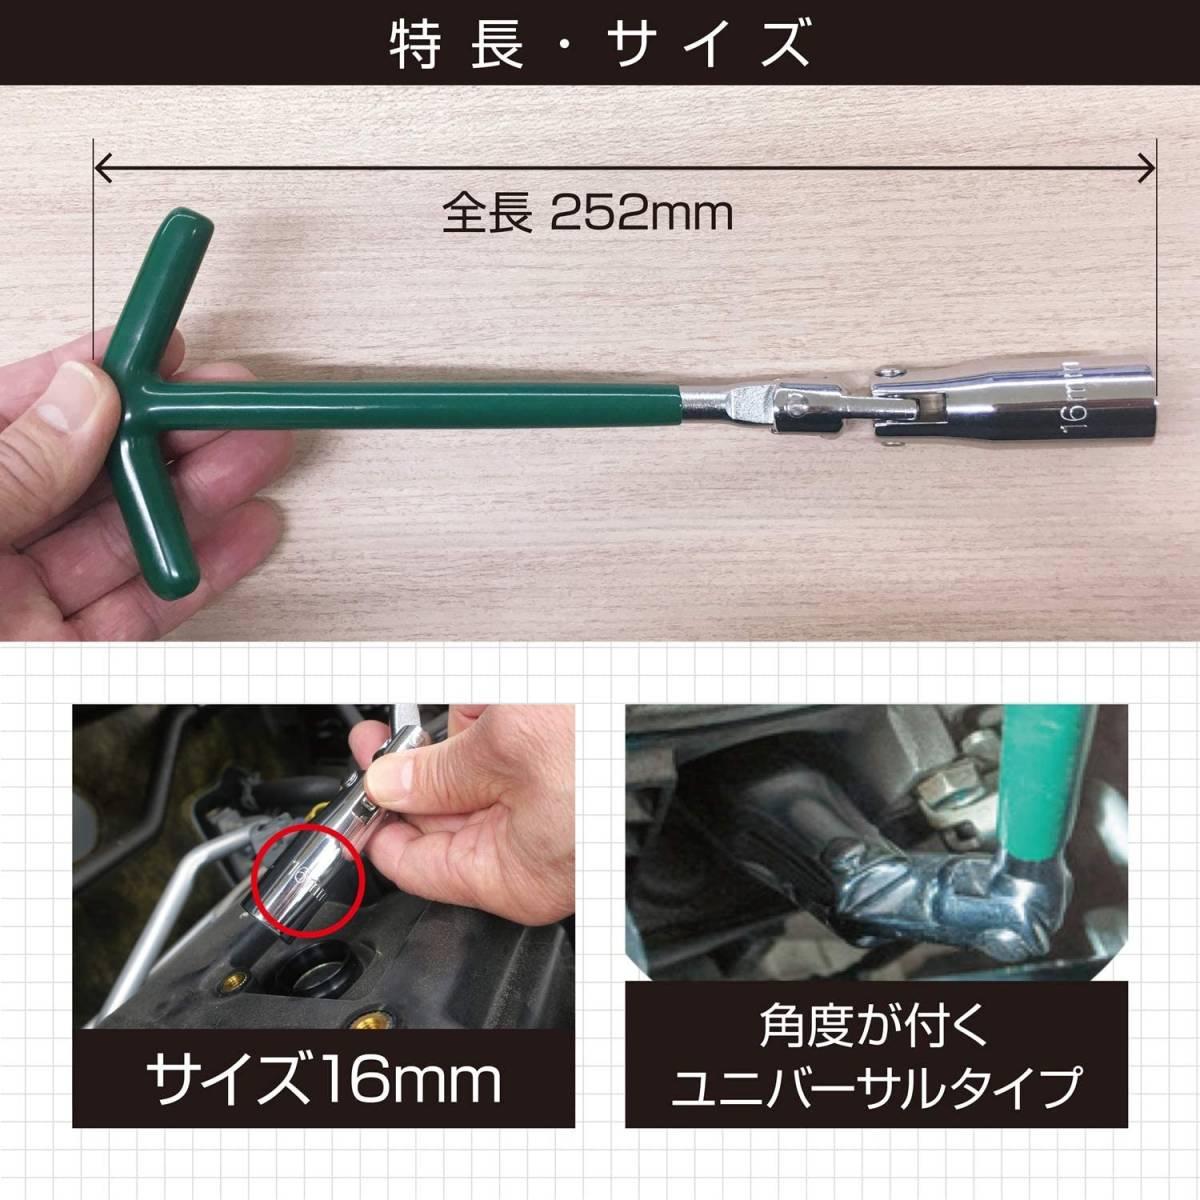 新品_【Amazon.co.jp 限定】エーモン プラグレンチ 16mm ユニバーサルタイプ (K35)_画像2